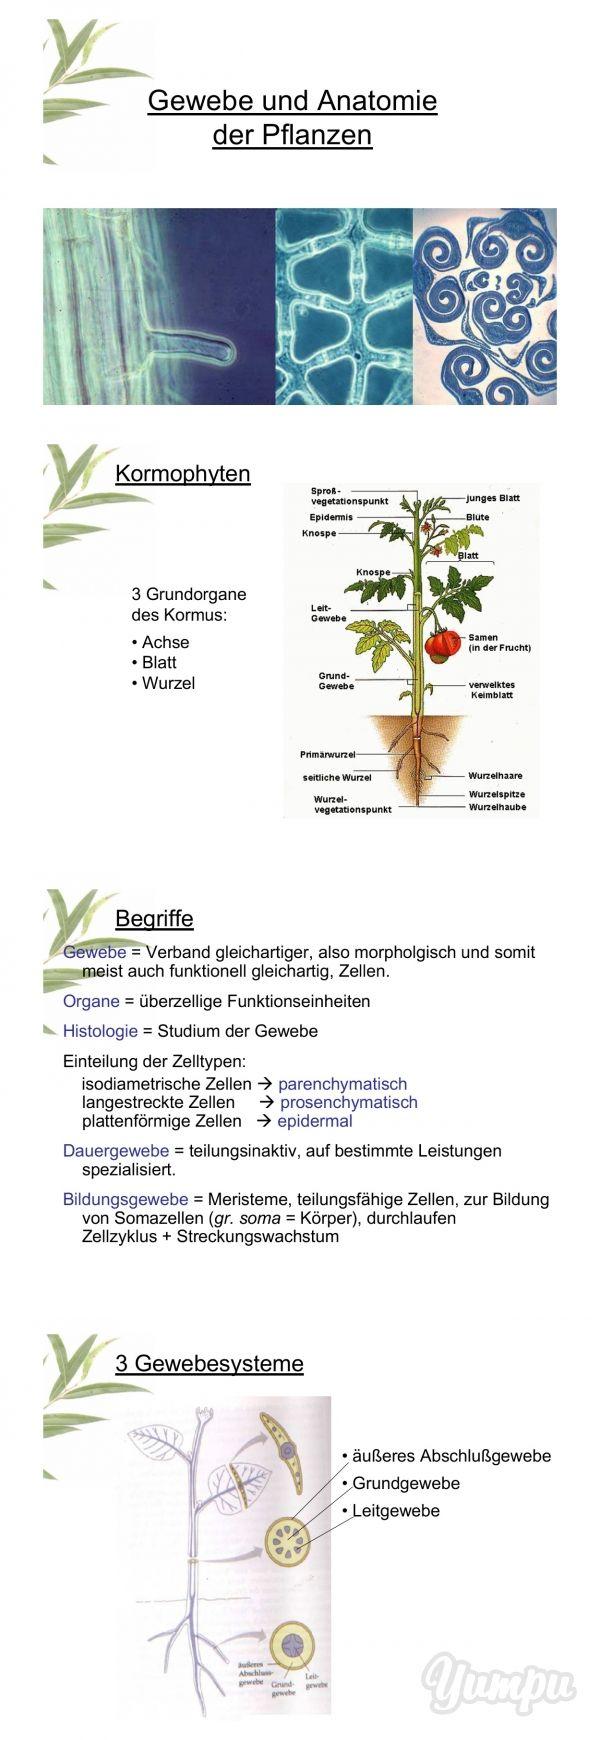 Gewebe und Anatomie der Pflanze - Magazine with 39 pages: Gewebe und ...